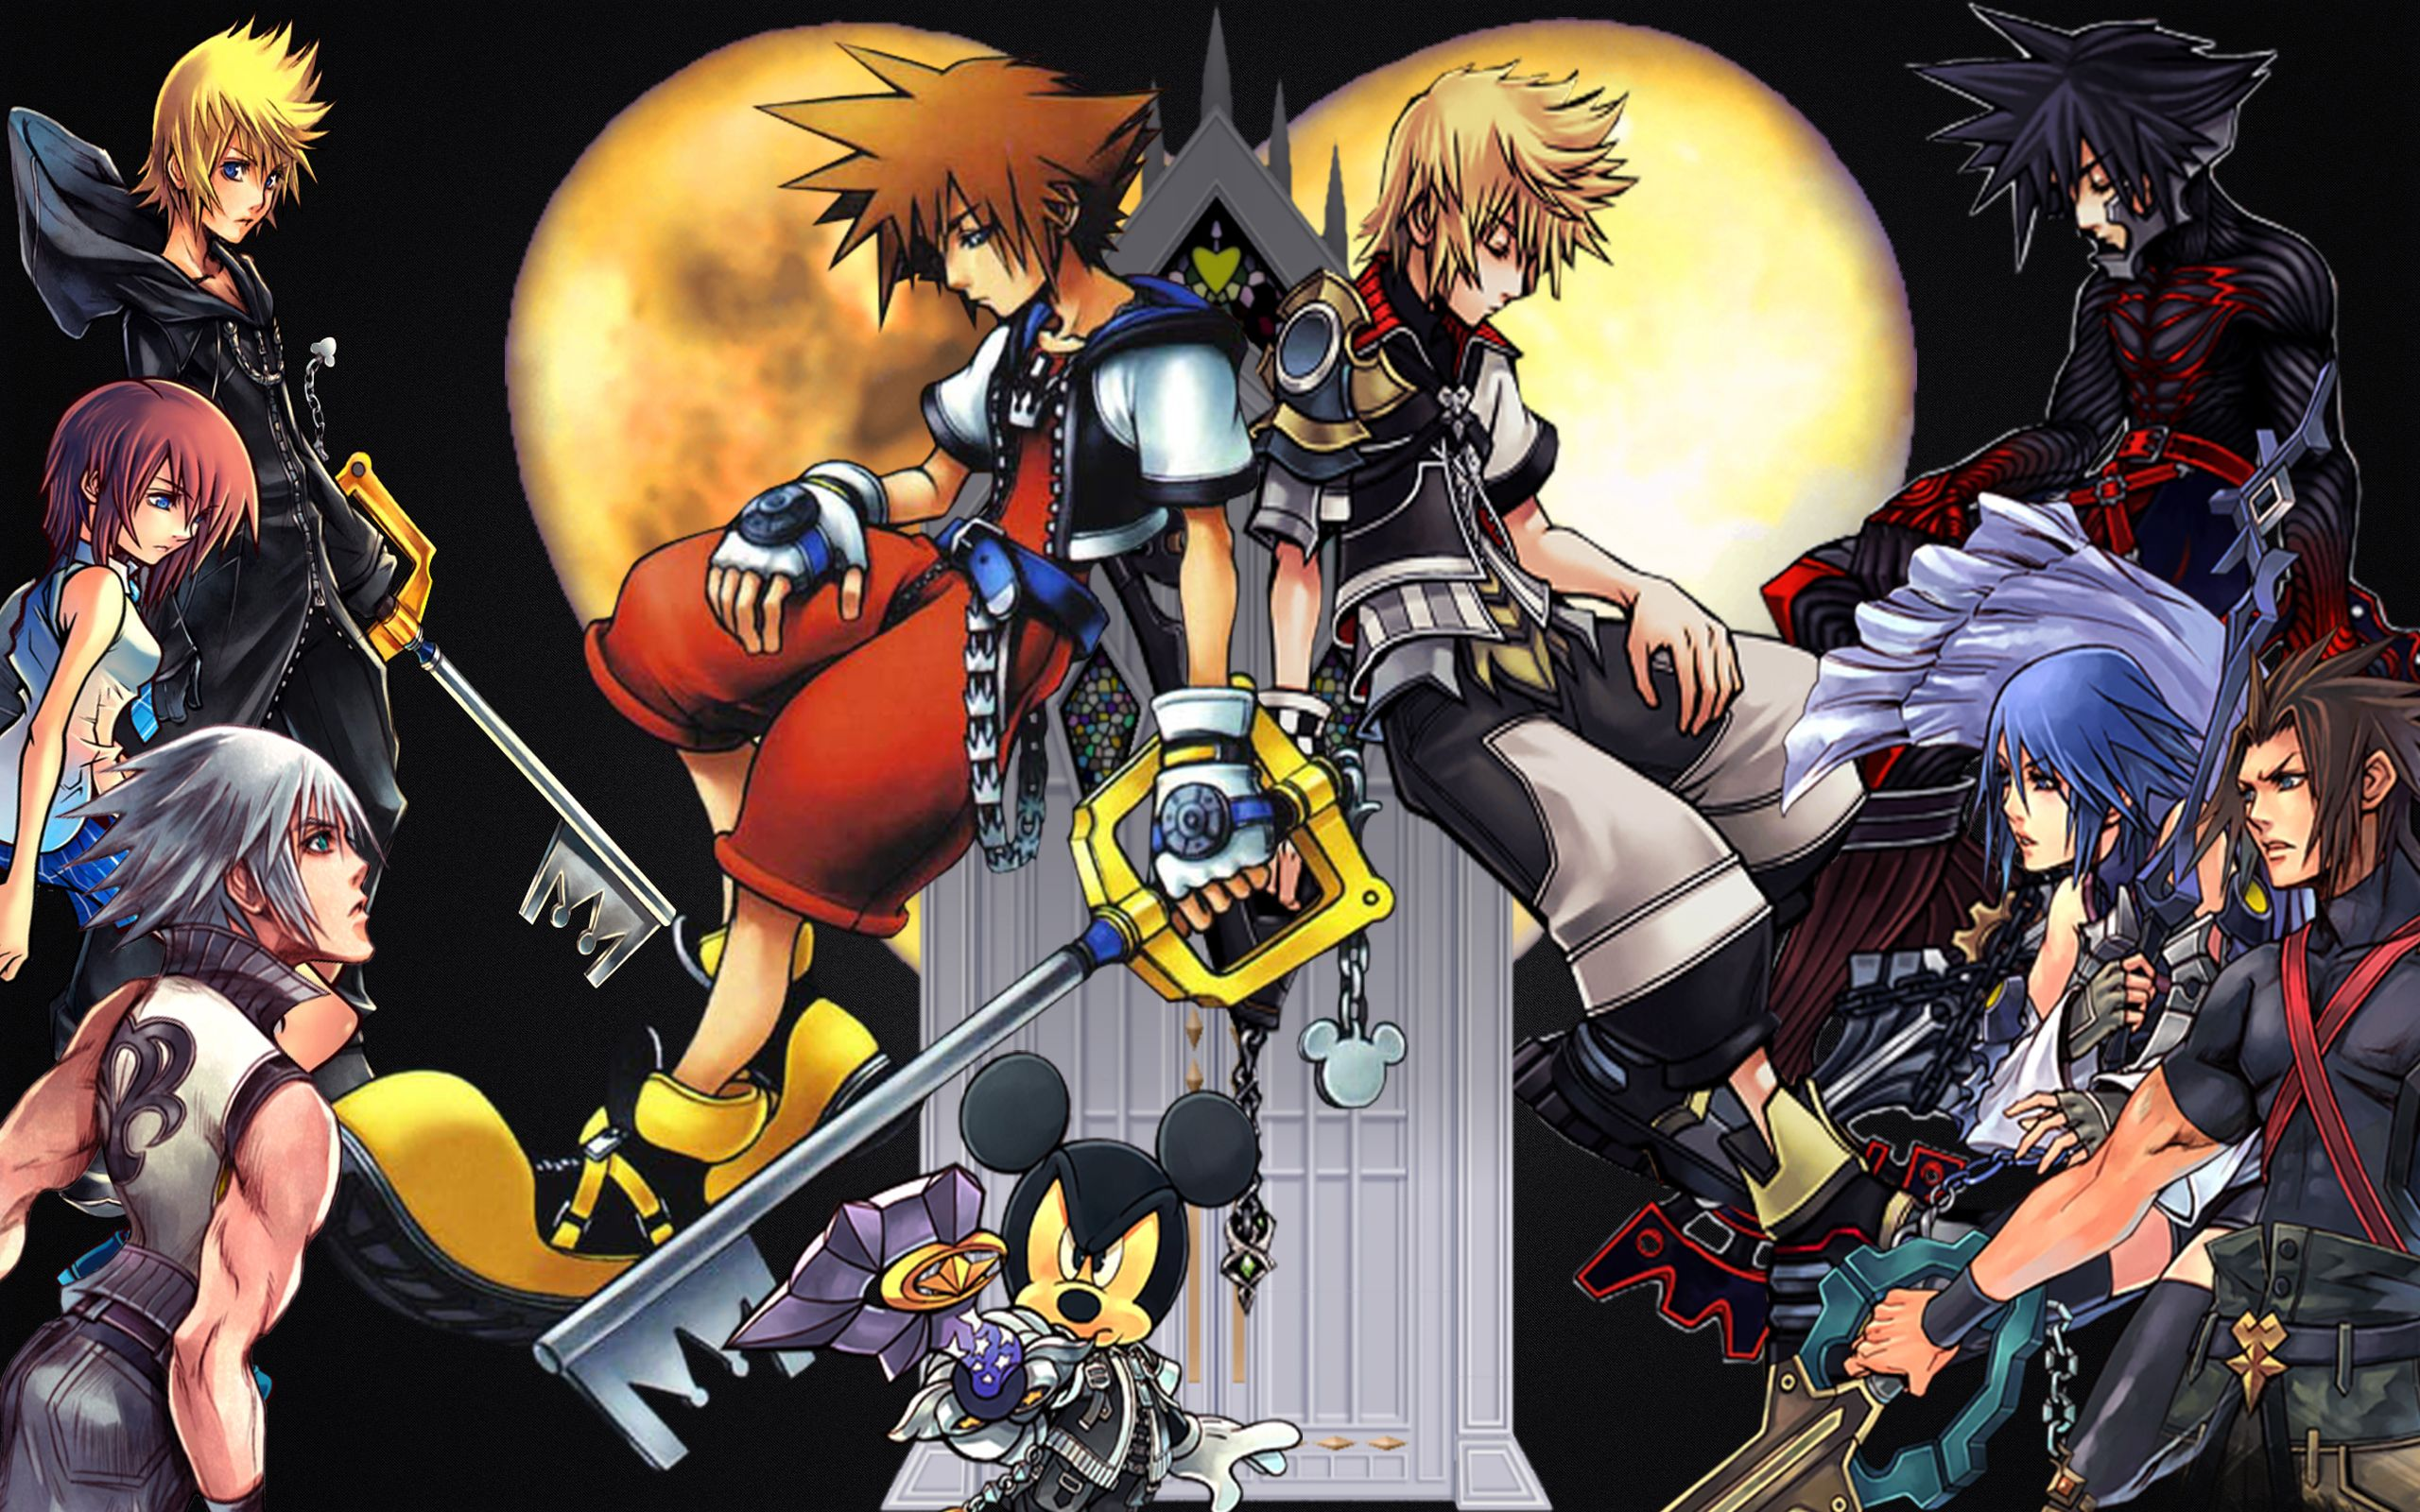 Pin by Animation Swords on Kingdom Hearts Kingdom hearts